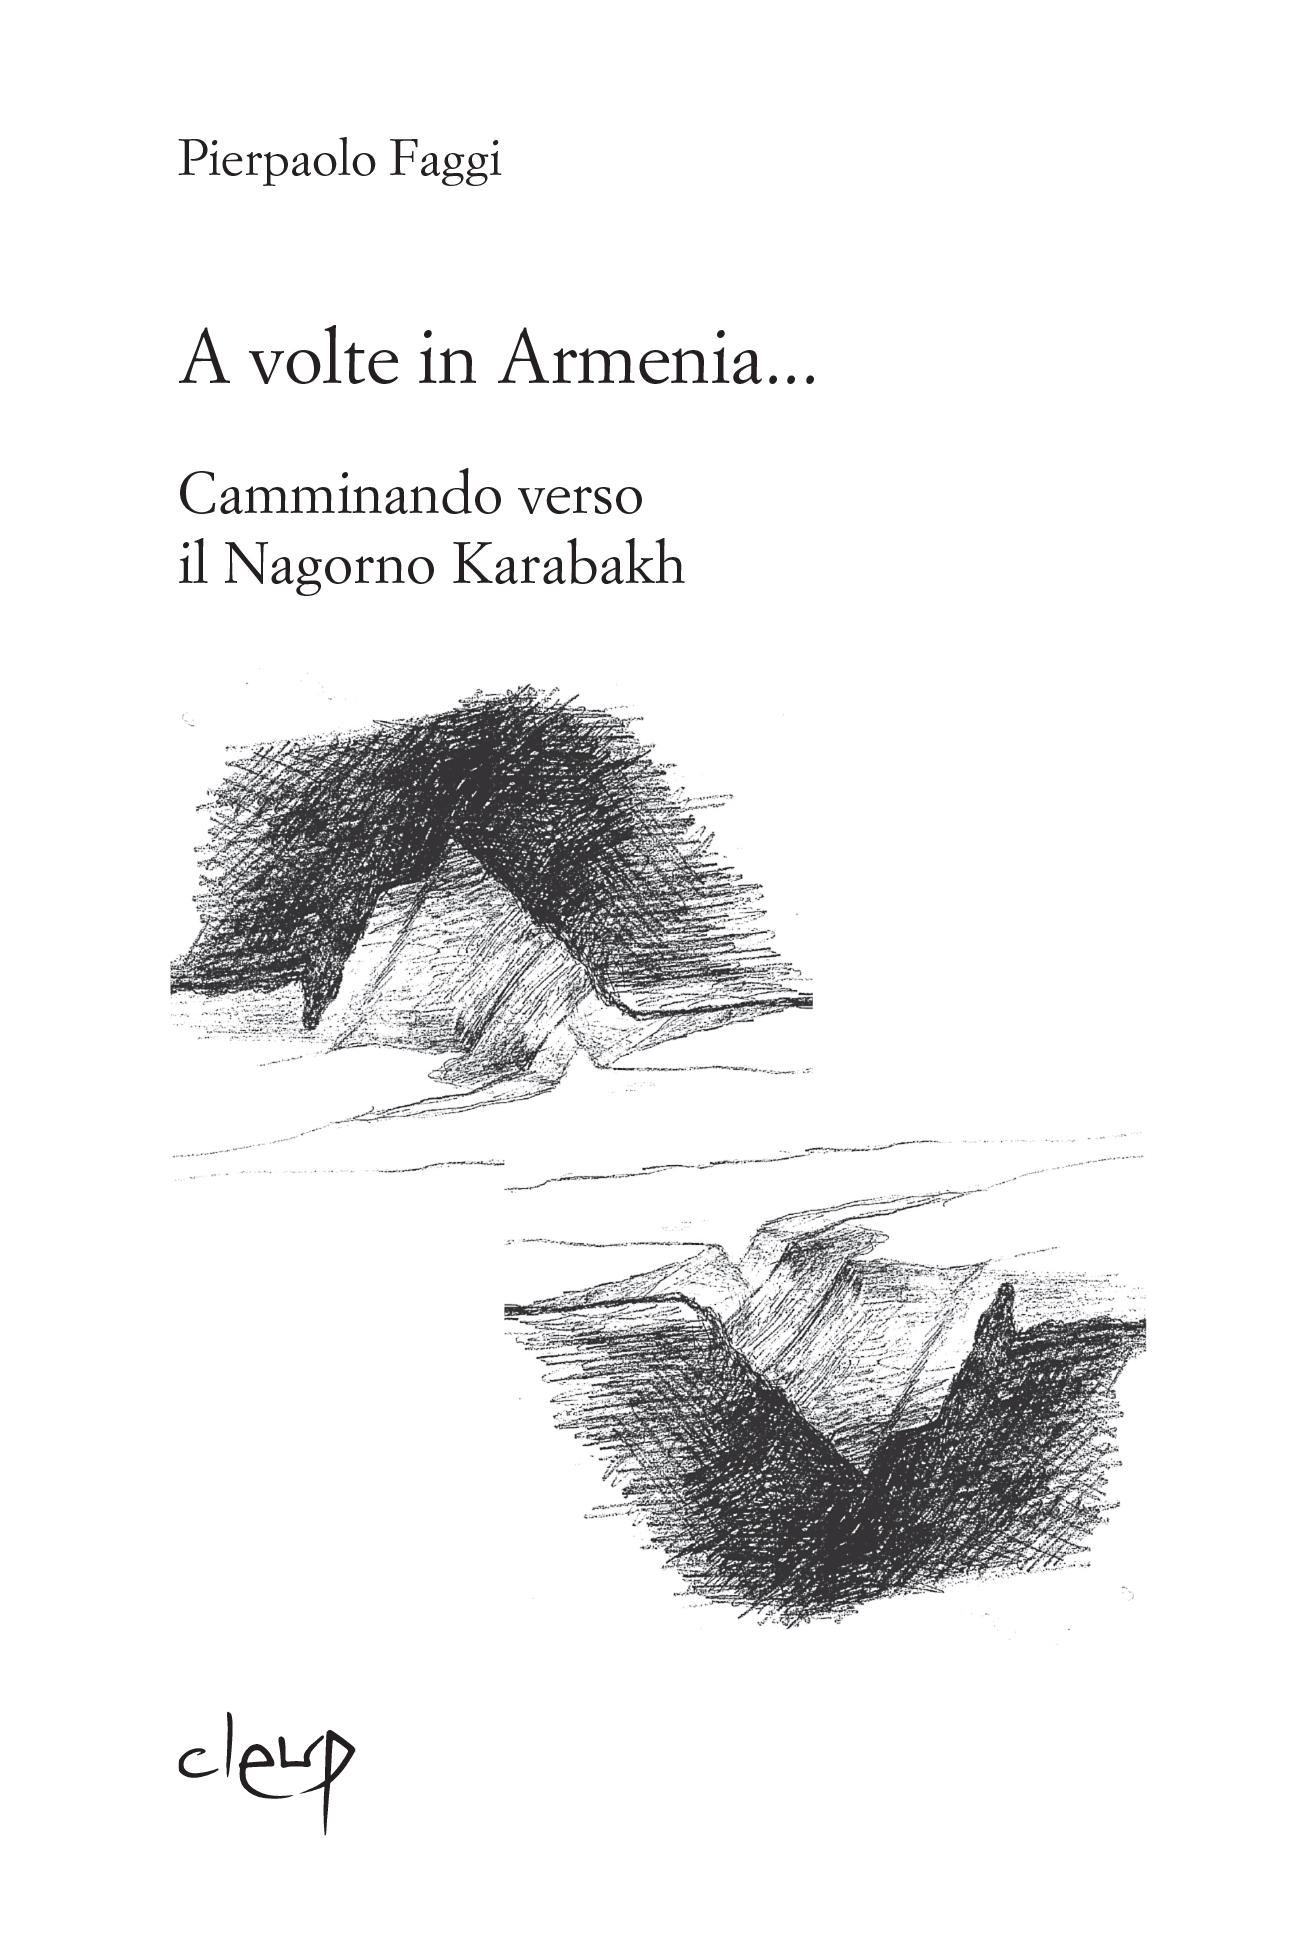 A volte, in Armenia...